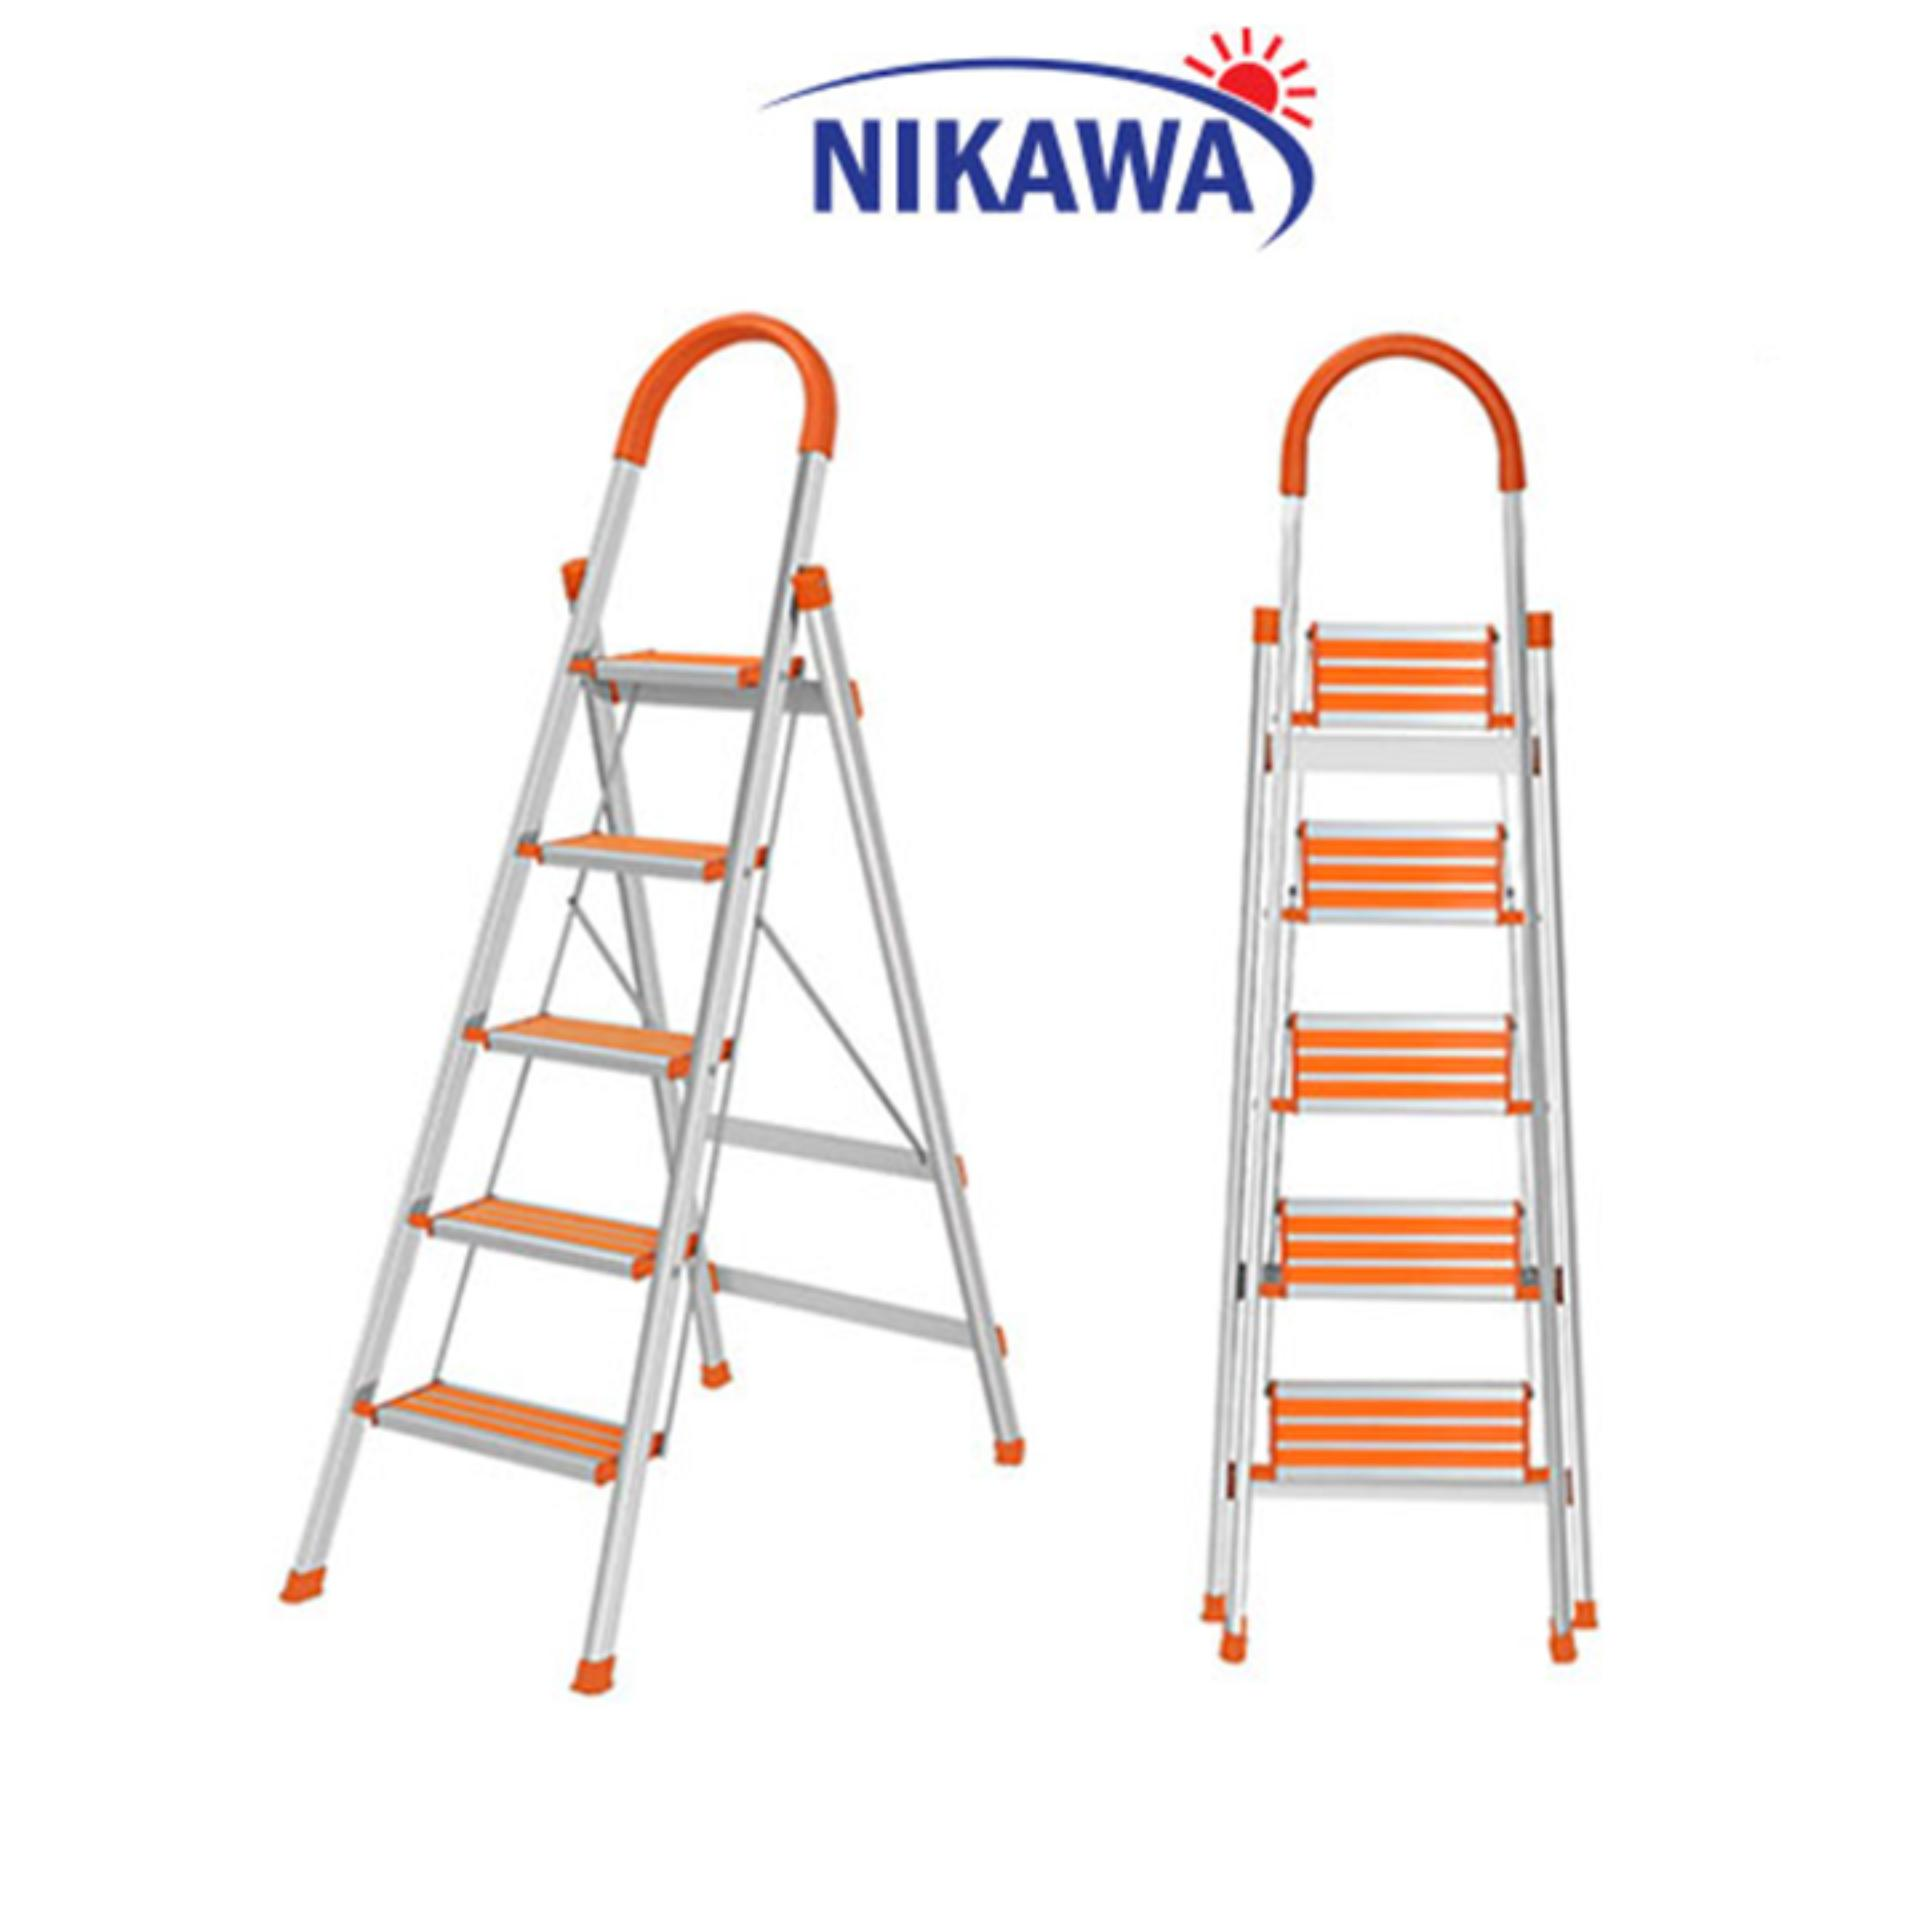 Thang Nhôm Ghế Nikawa NKA05 Nhật Bản - 5 Bậc 1,2m